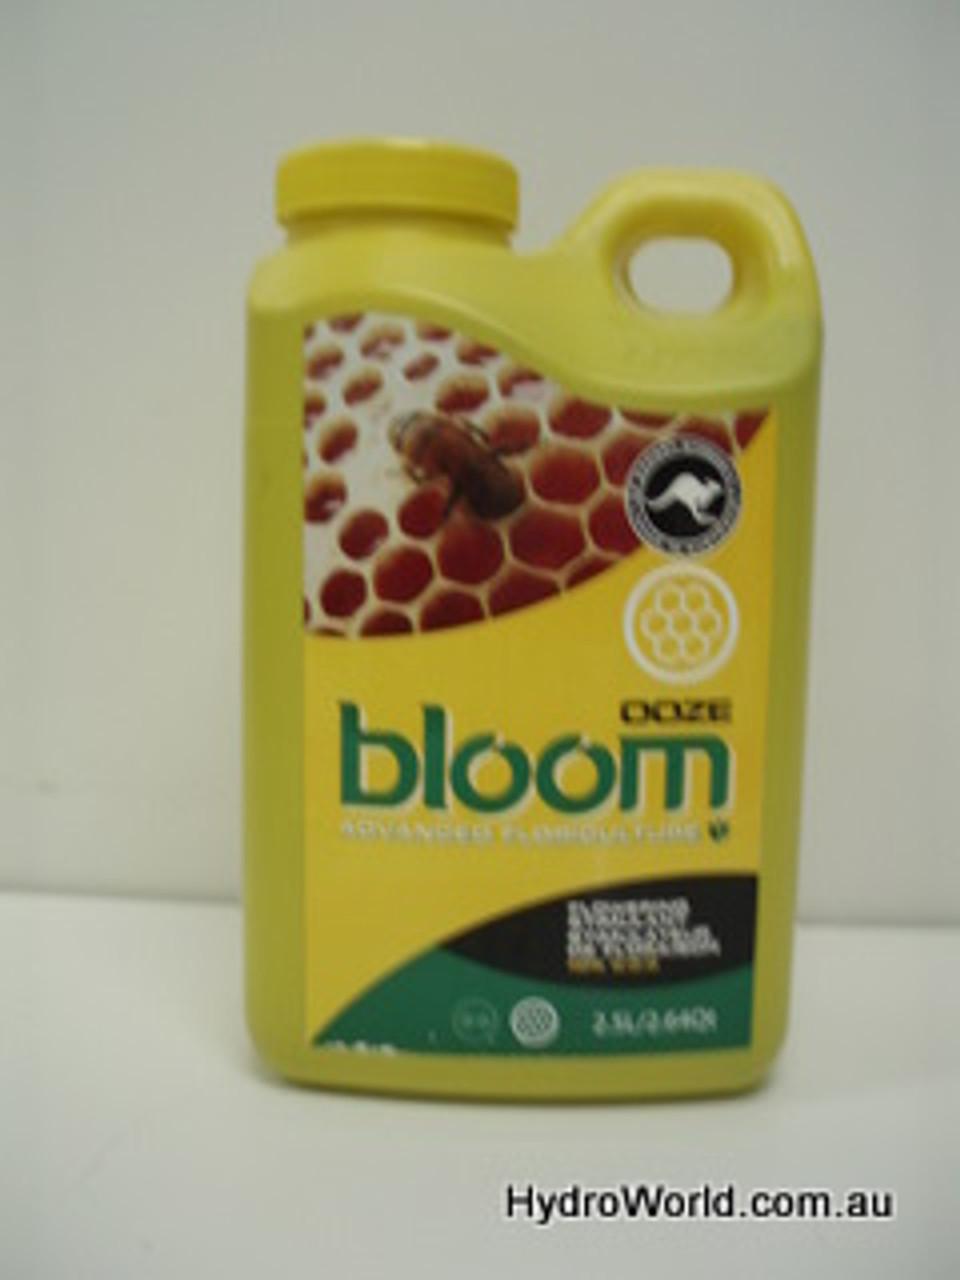 Bloom Ooze 2.5L